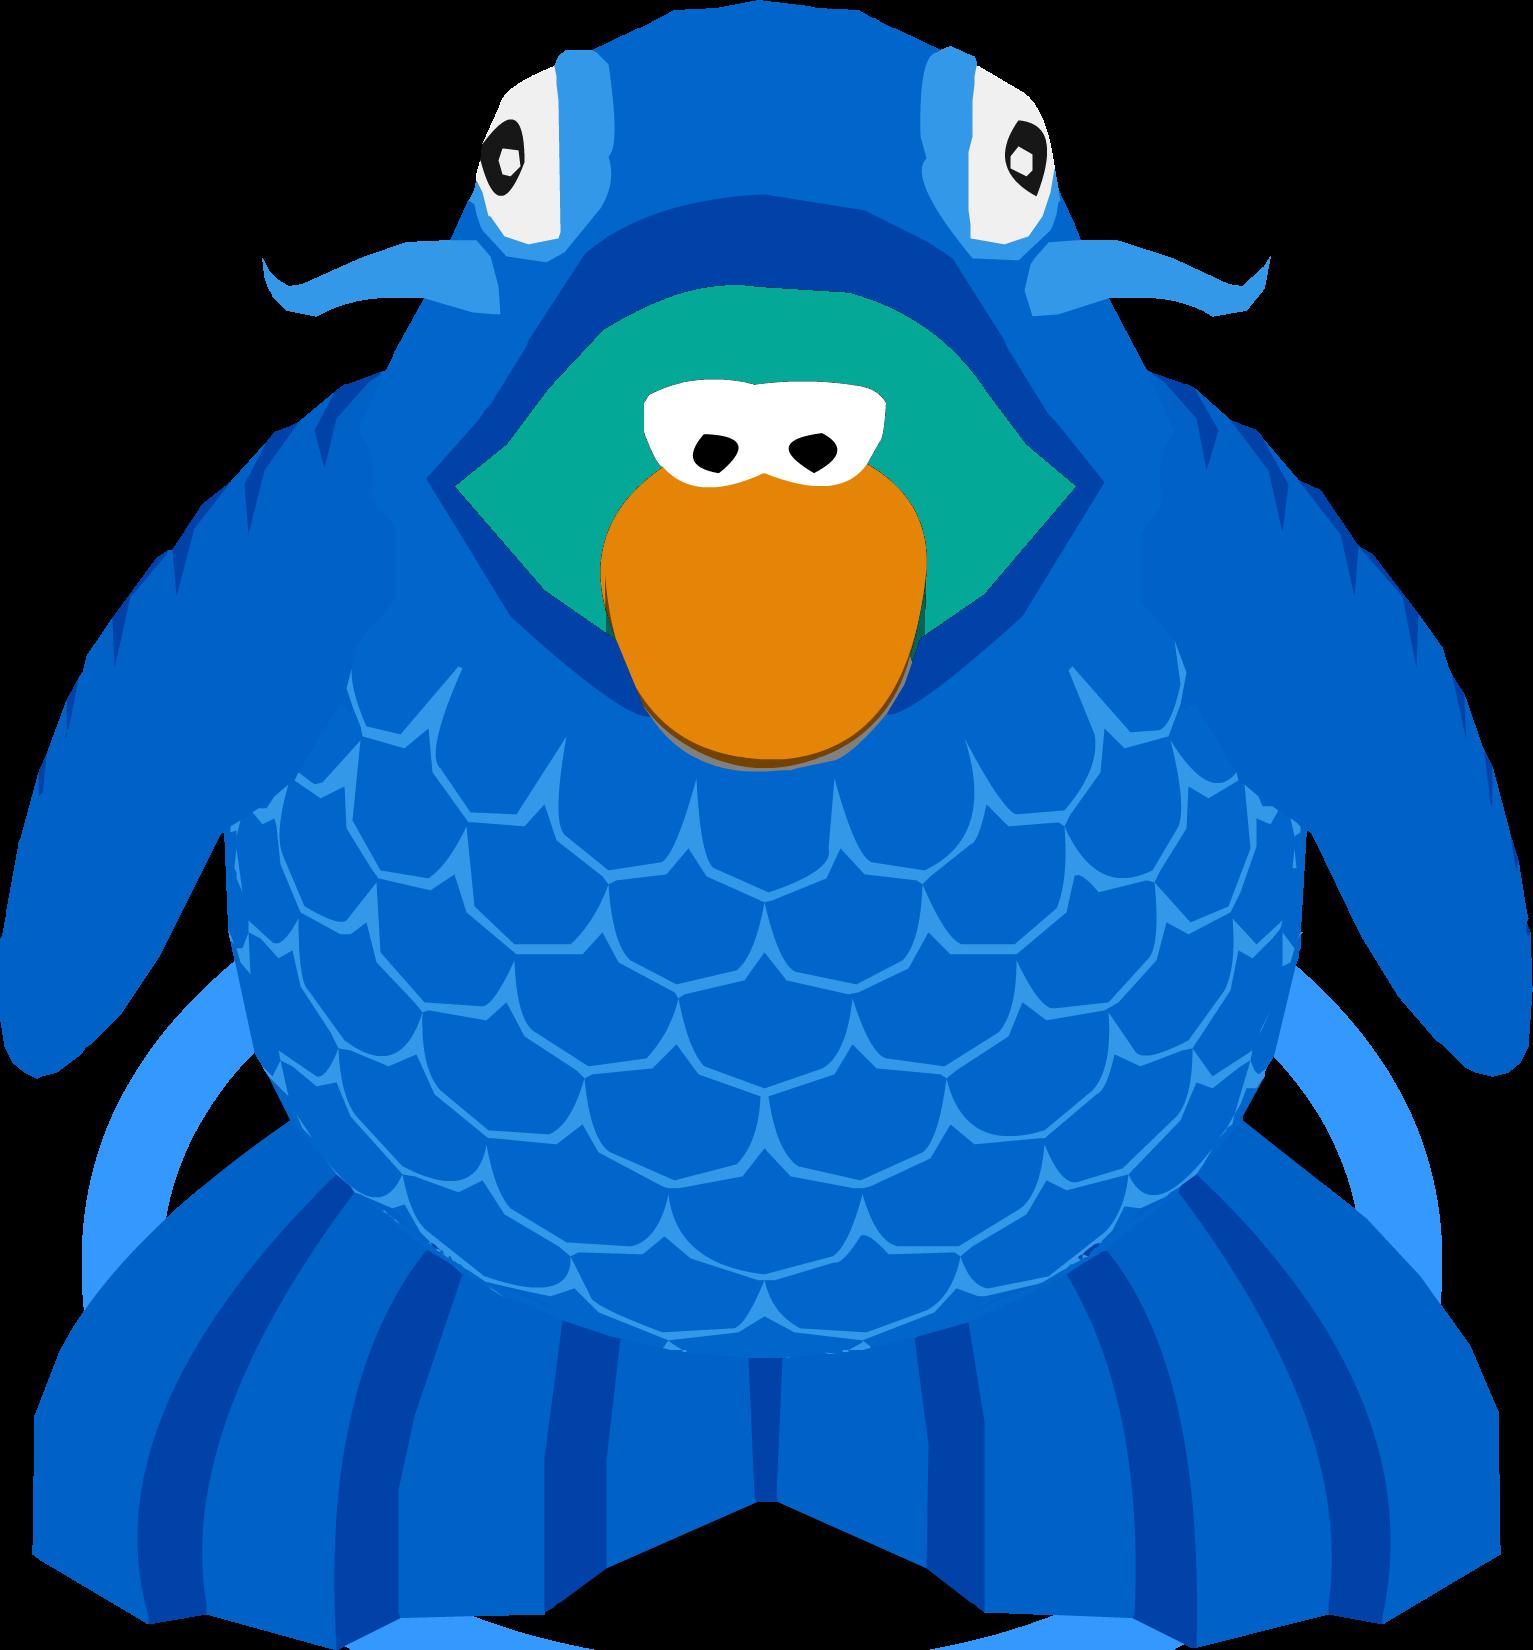 Sage Fish (character)